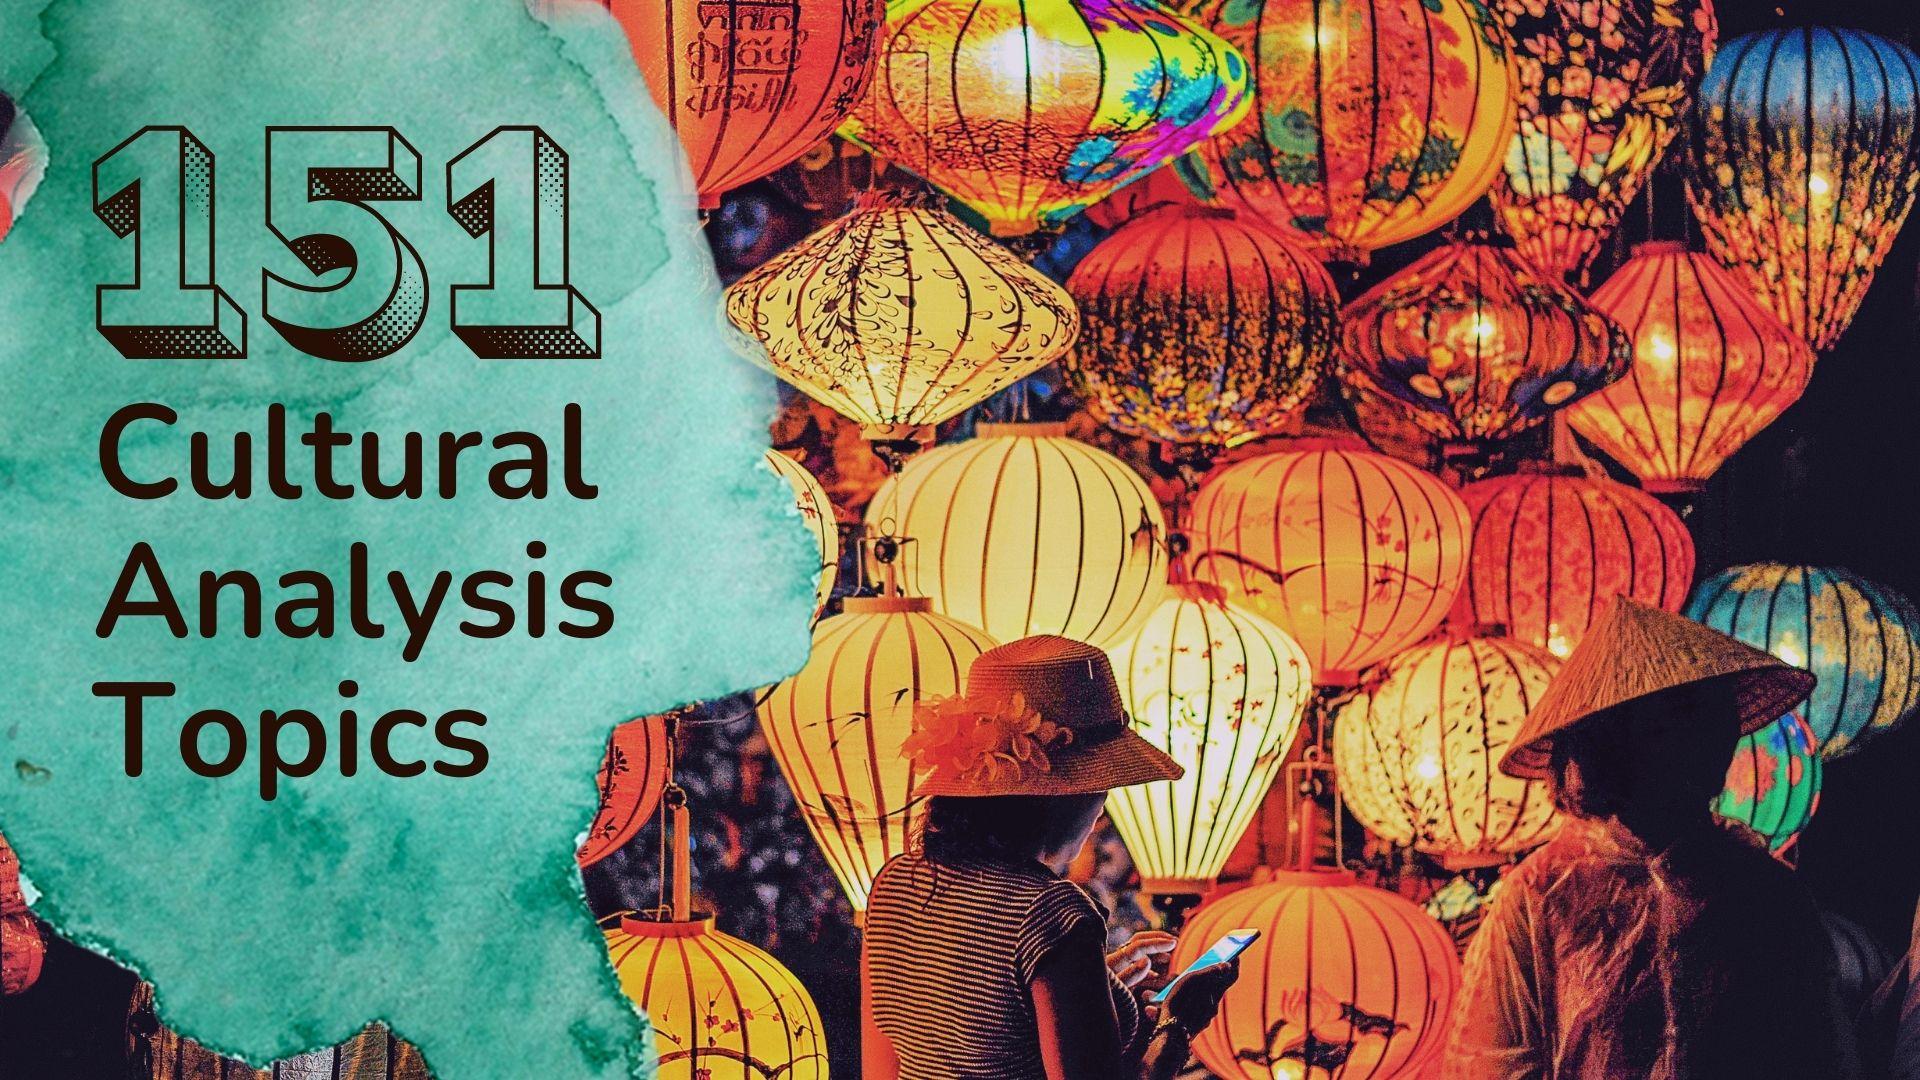 cultural analysis topics